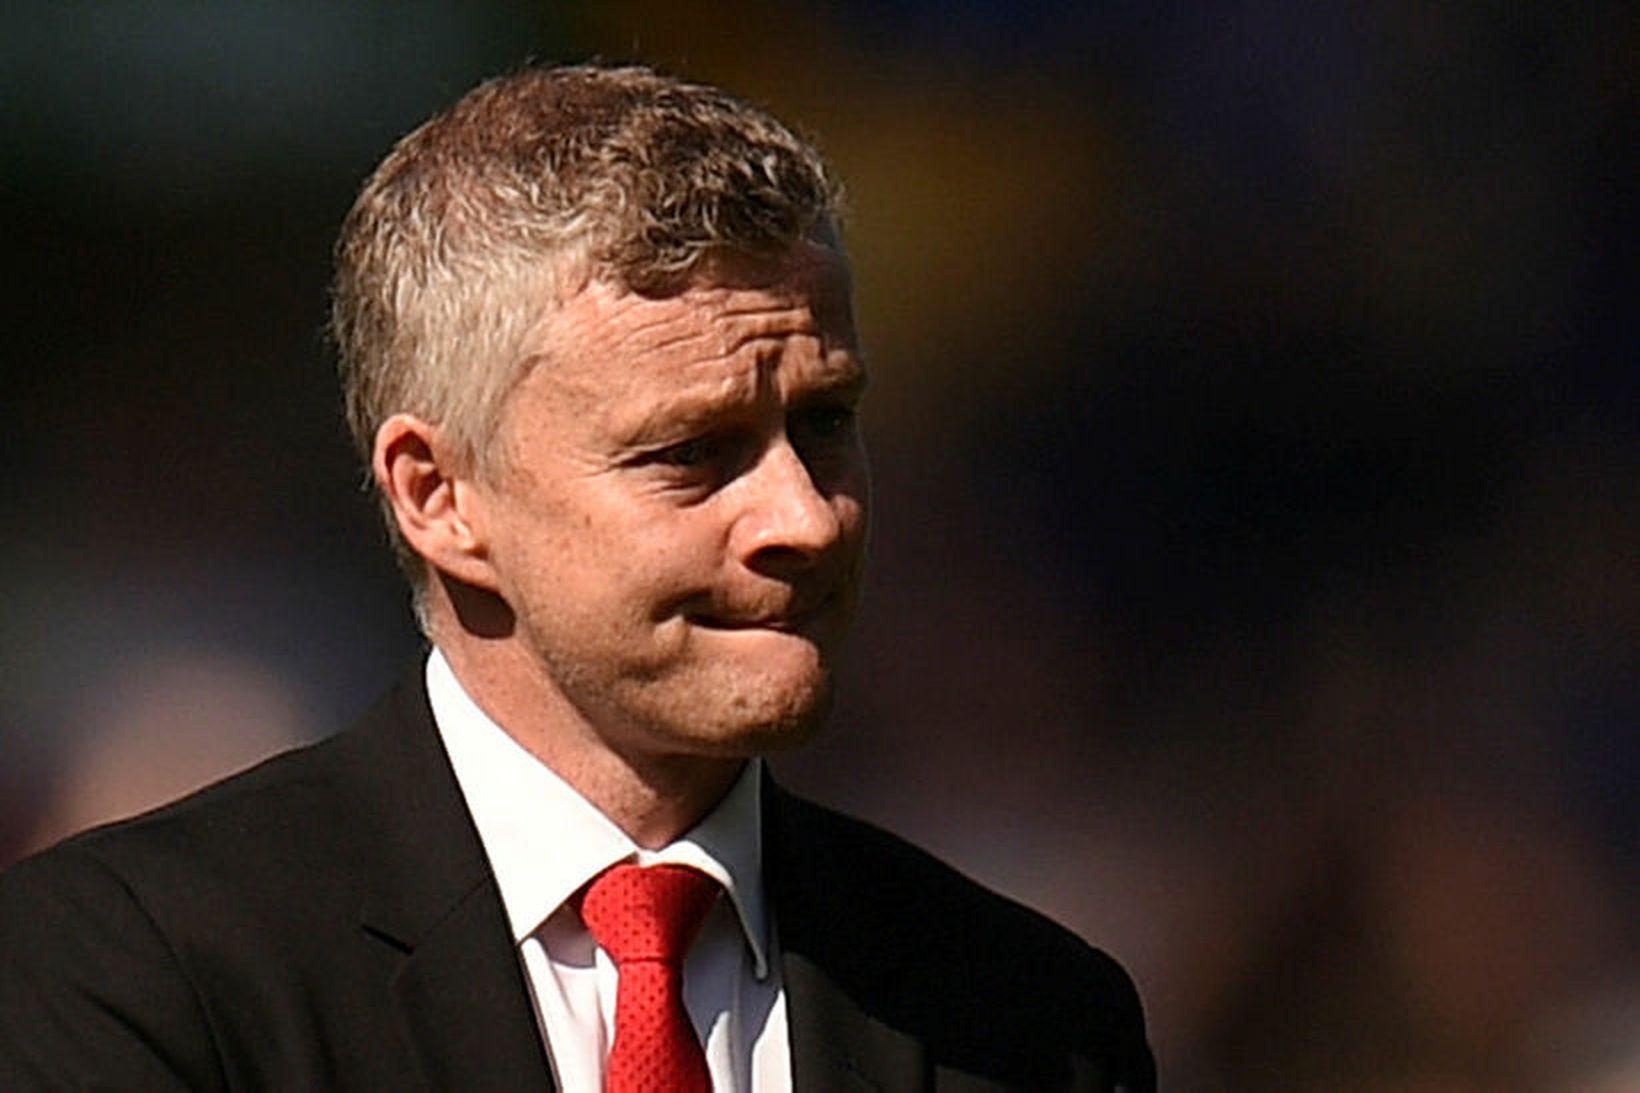 Ole Gunnar var svekktur eftir leik sinna manna gegn Everton …